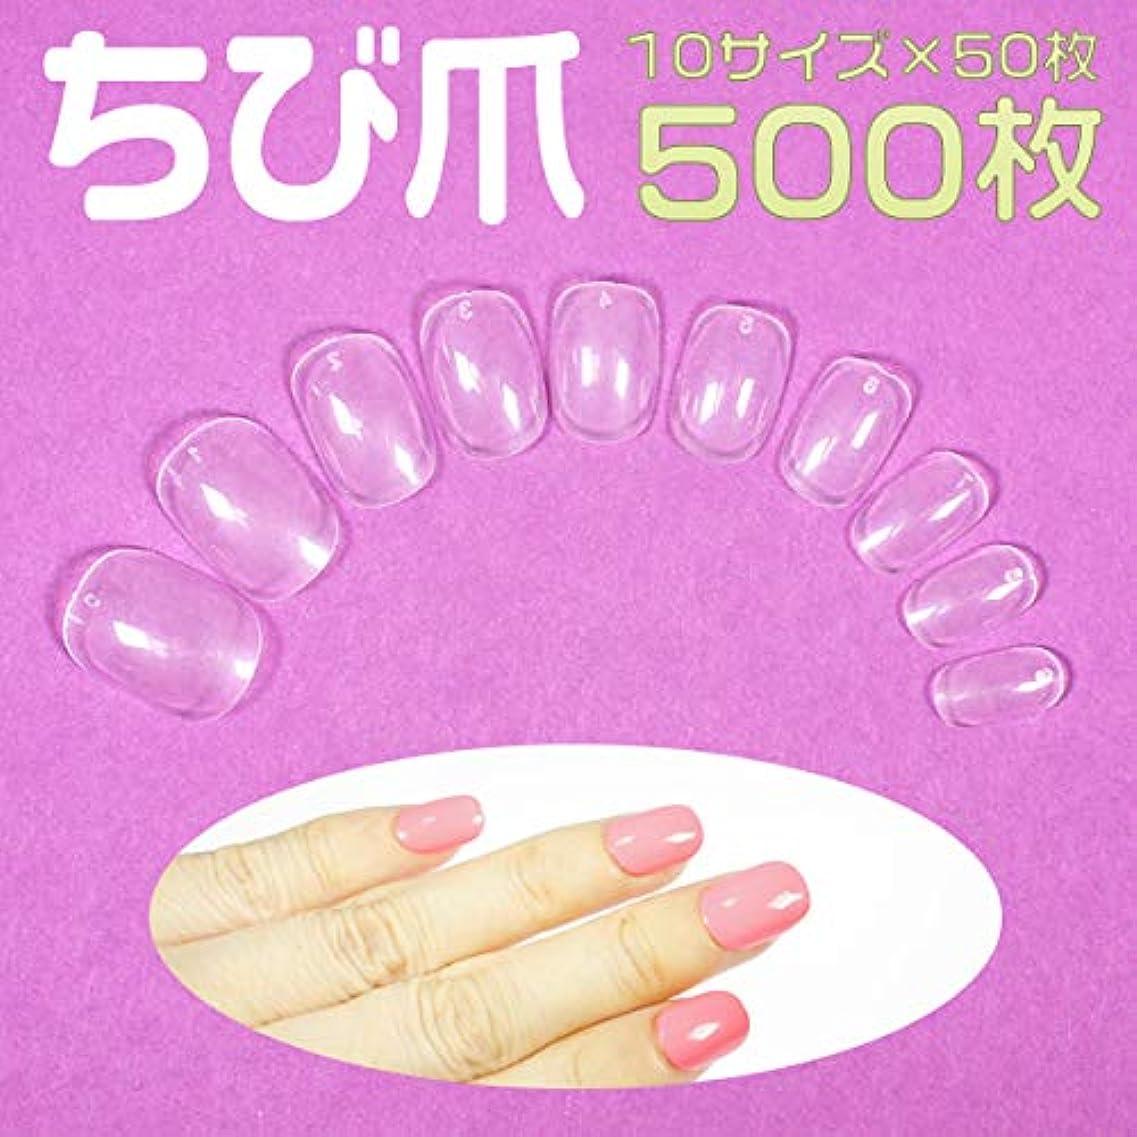 急いでハイキング桃ネイルチップ ちび爪 超ショートサイズ クリア [#1]500枚入 小さい爪用 短い爪用 ベリーショート つけ爪